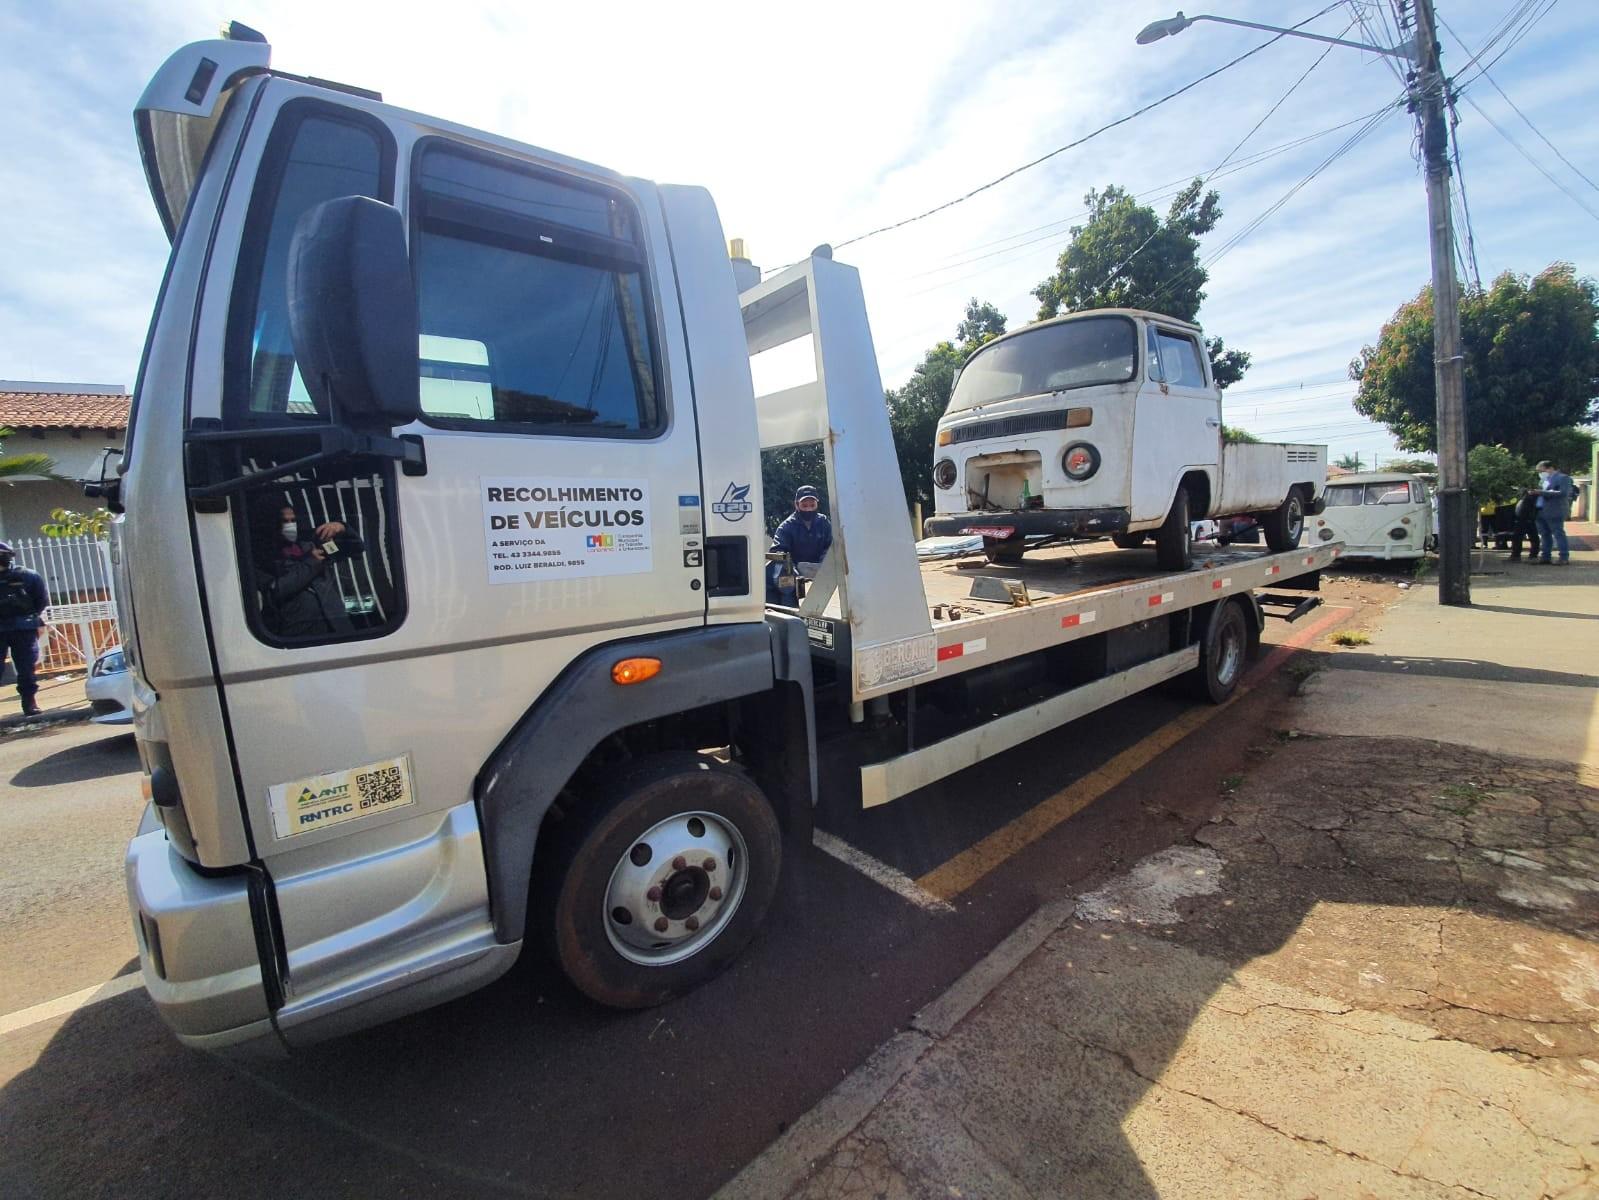 Empresa começa a recolher 1.200 carcaças ou veículos abandonados em ruas e avenidas de Londrina